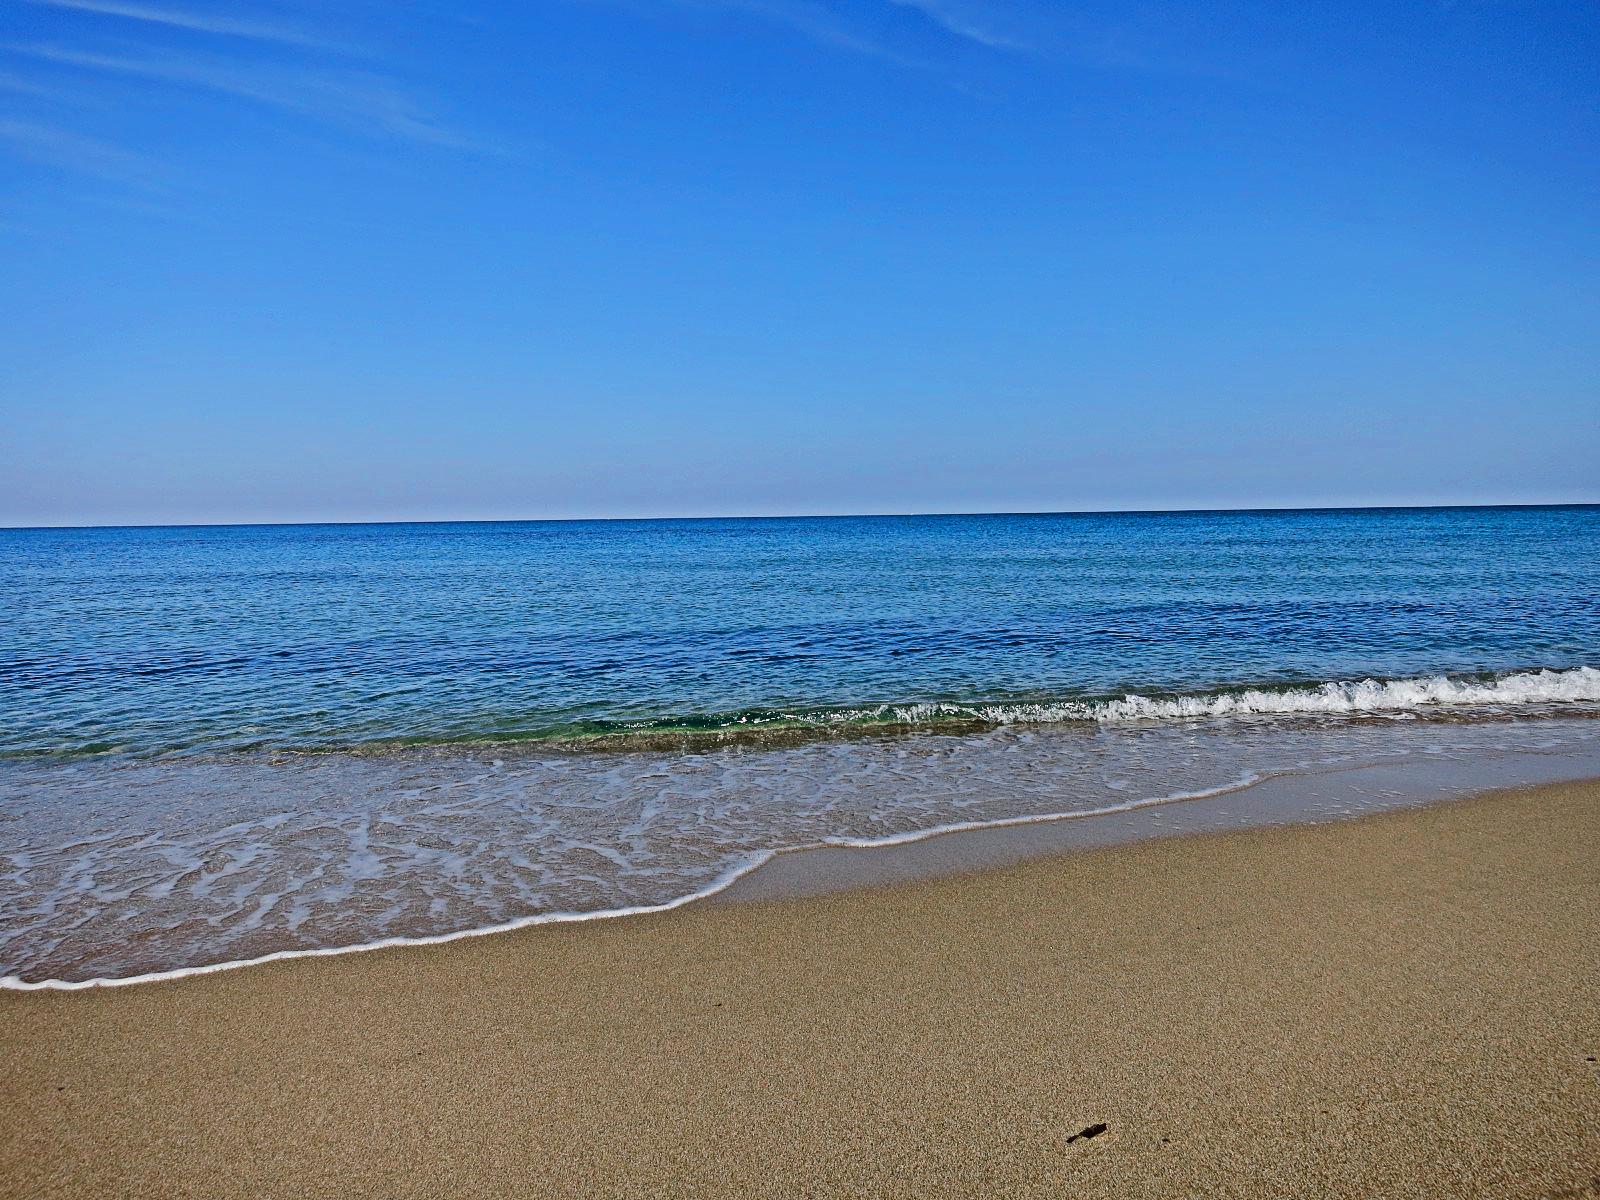 Sardinien 2015 – Sonntag 9.30 Uhr